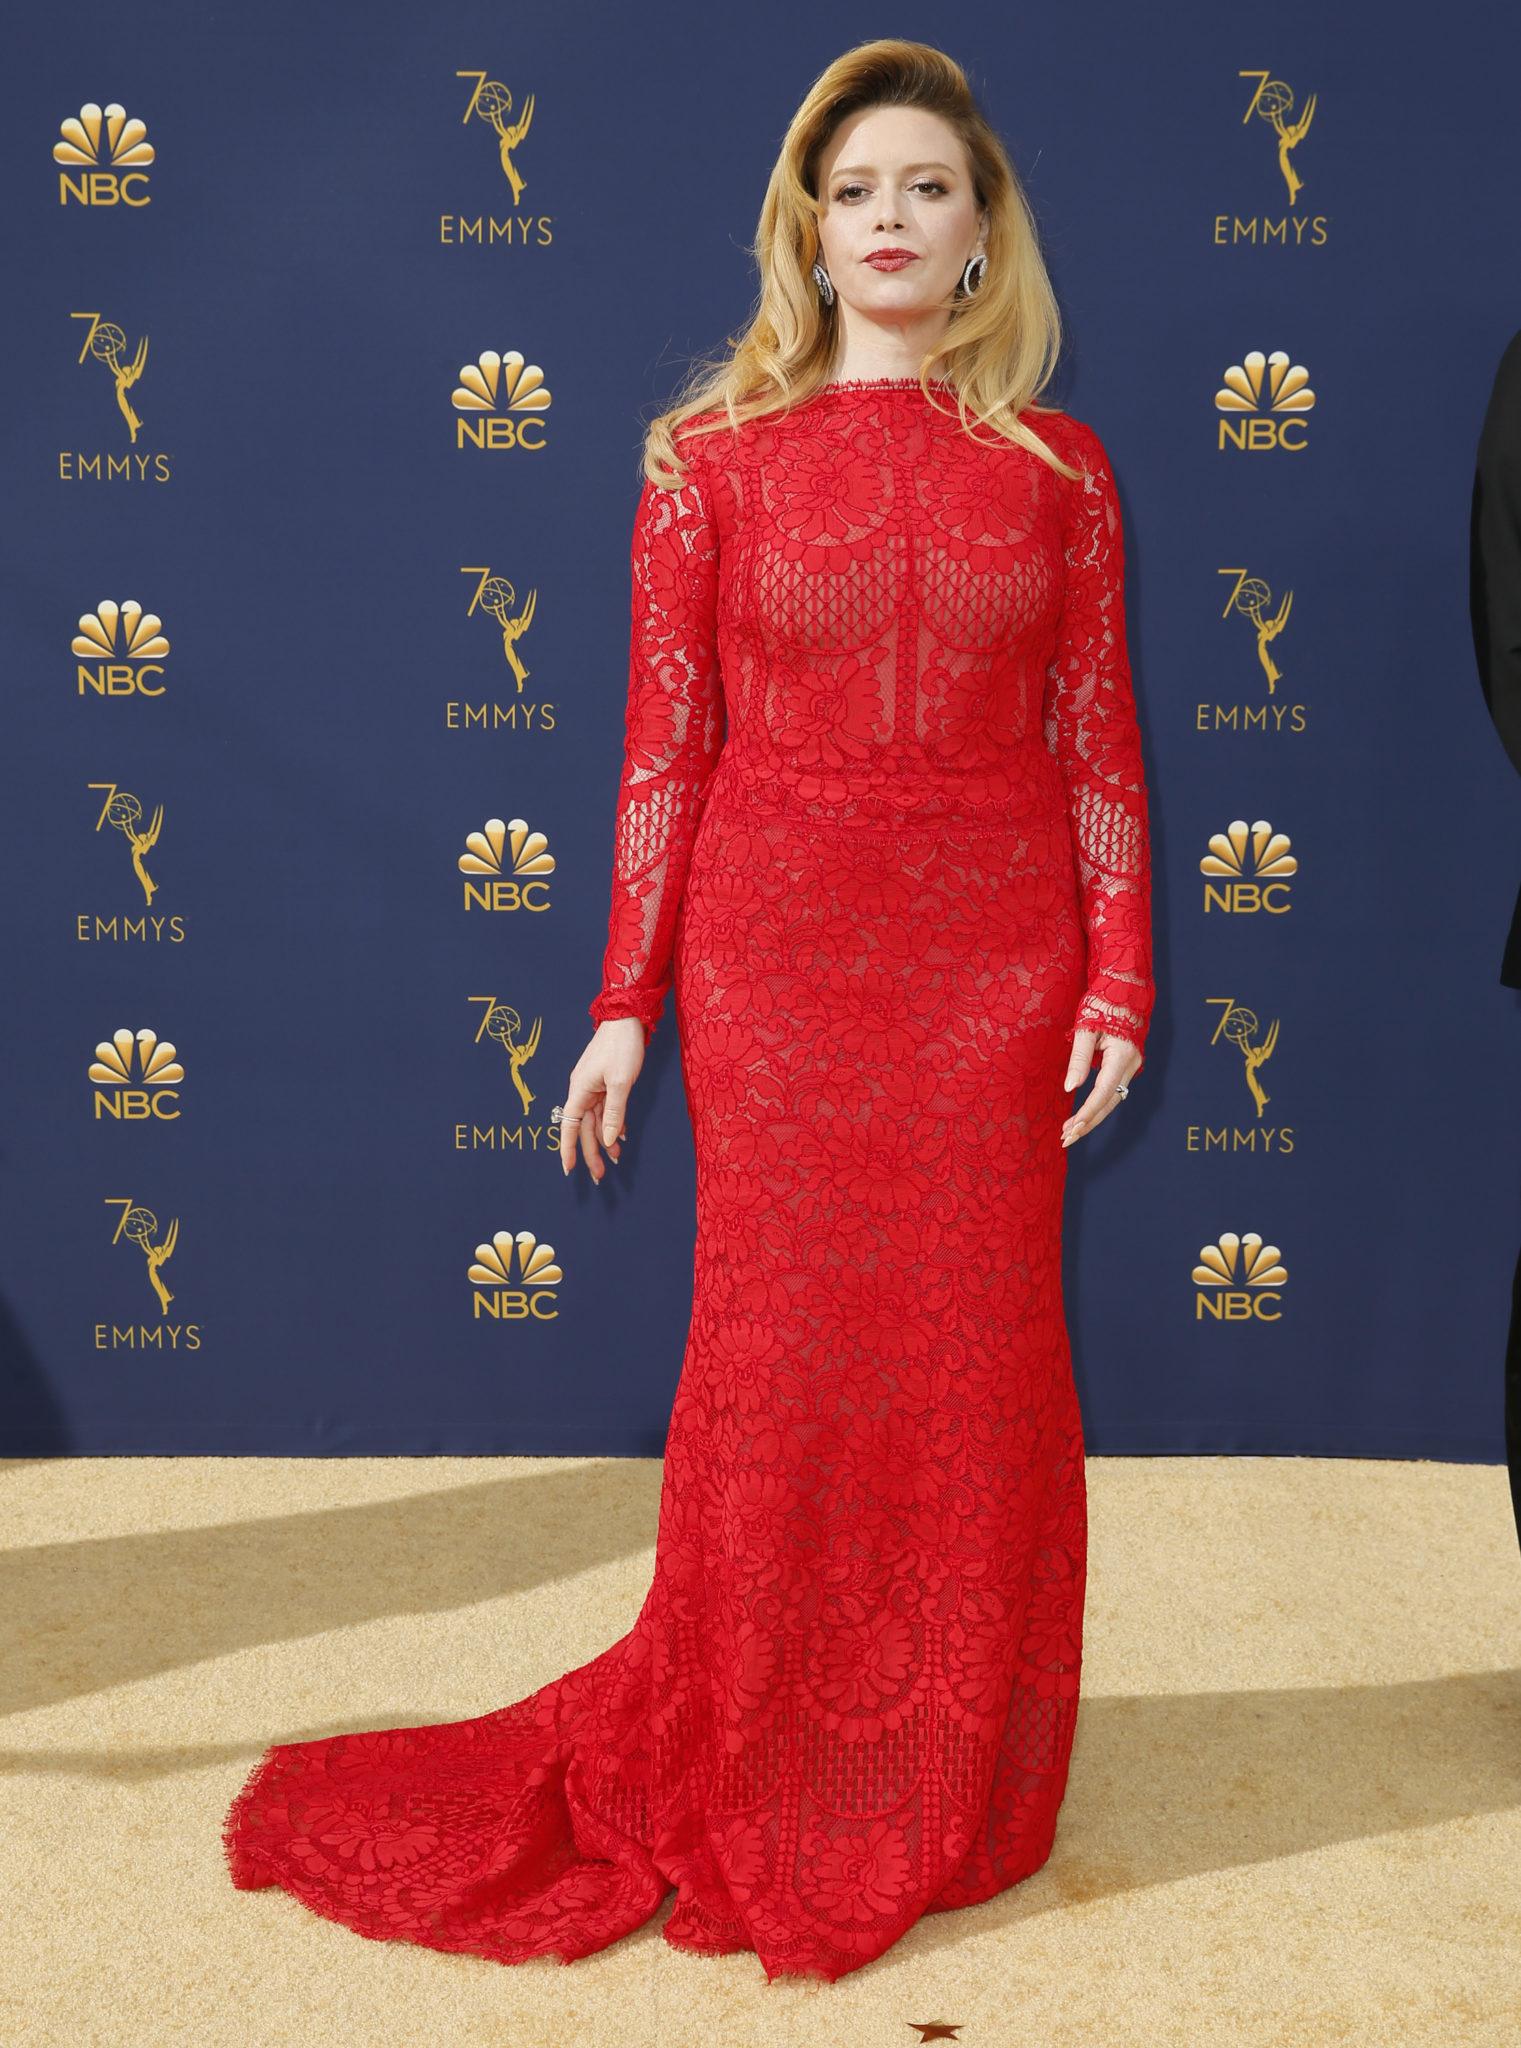 Natasha Lyonne Emmys 4Chion Lifestyle